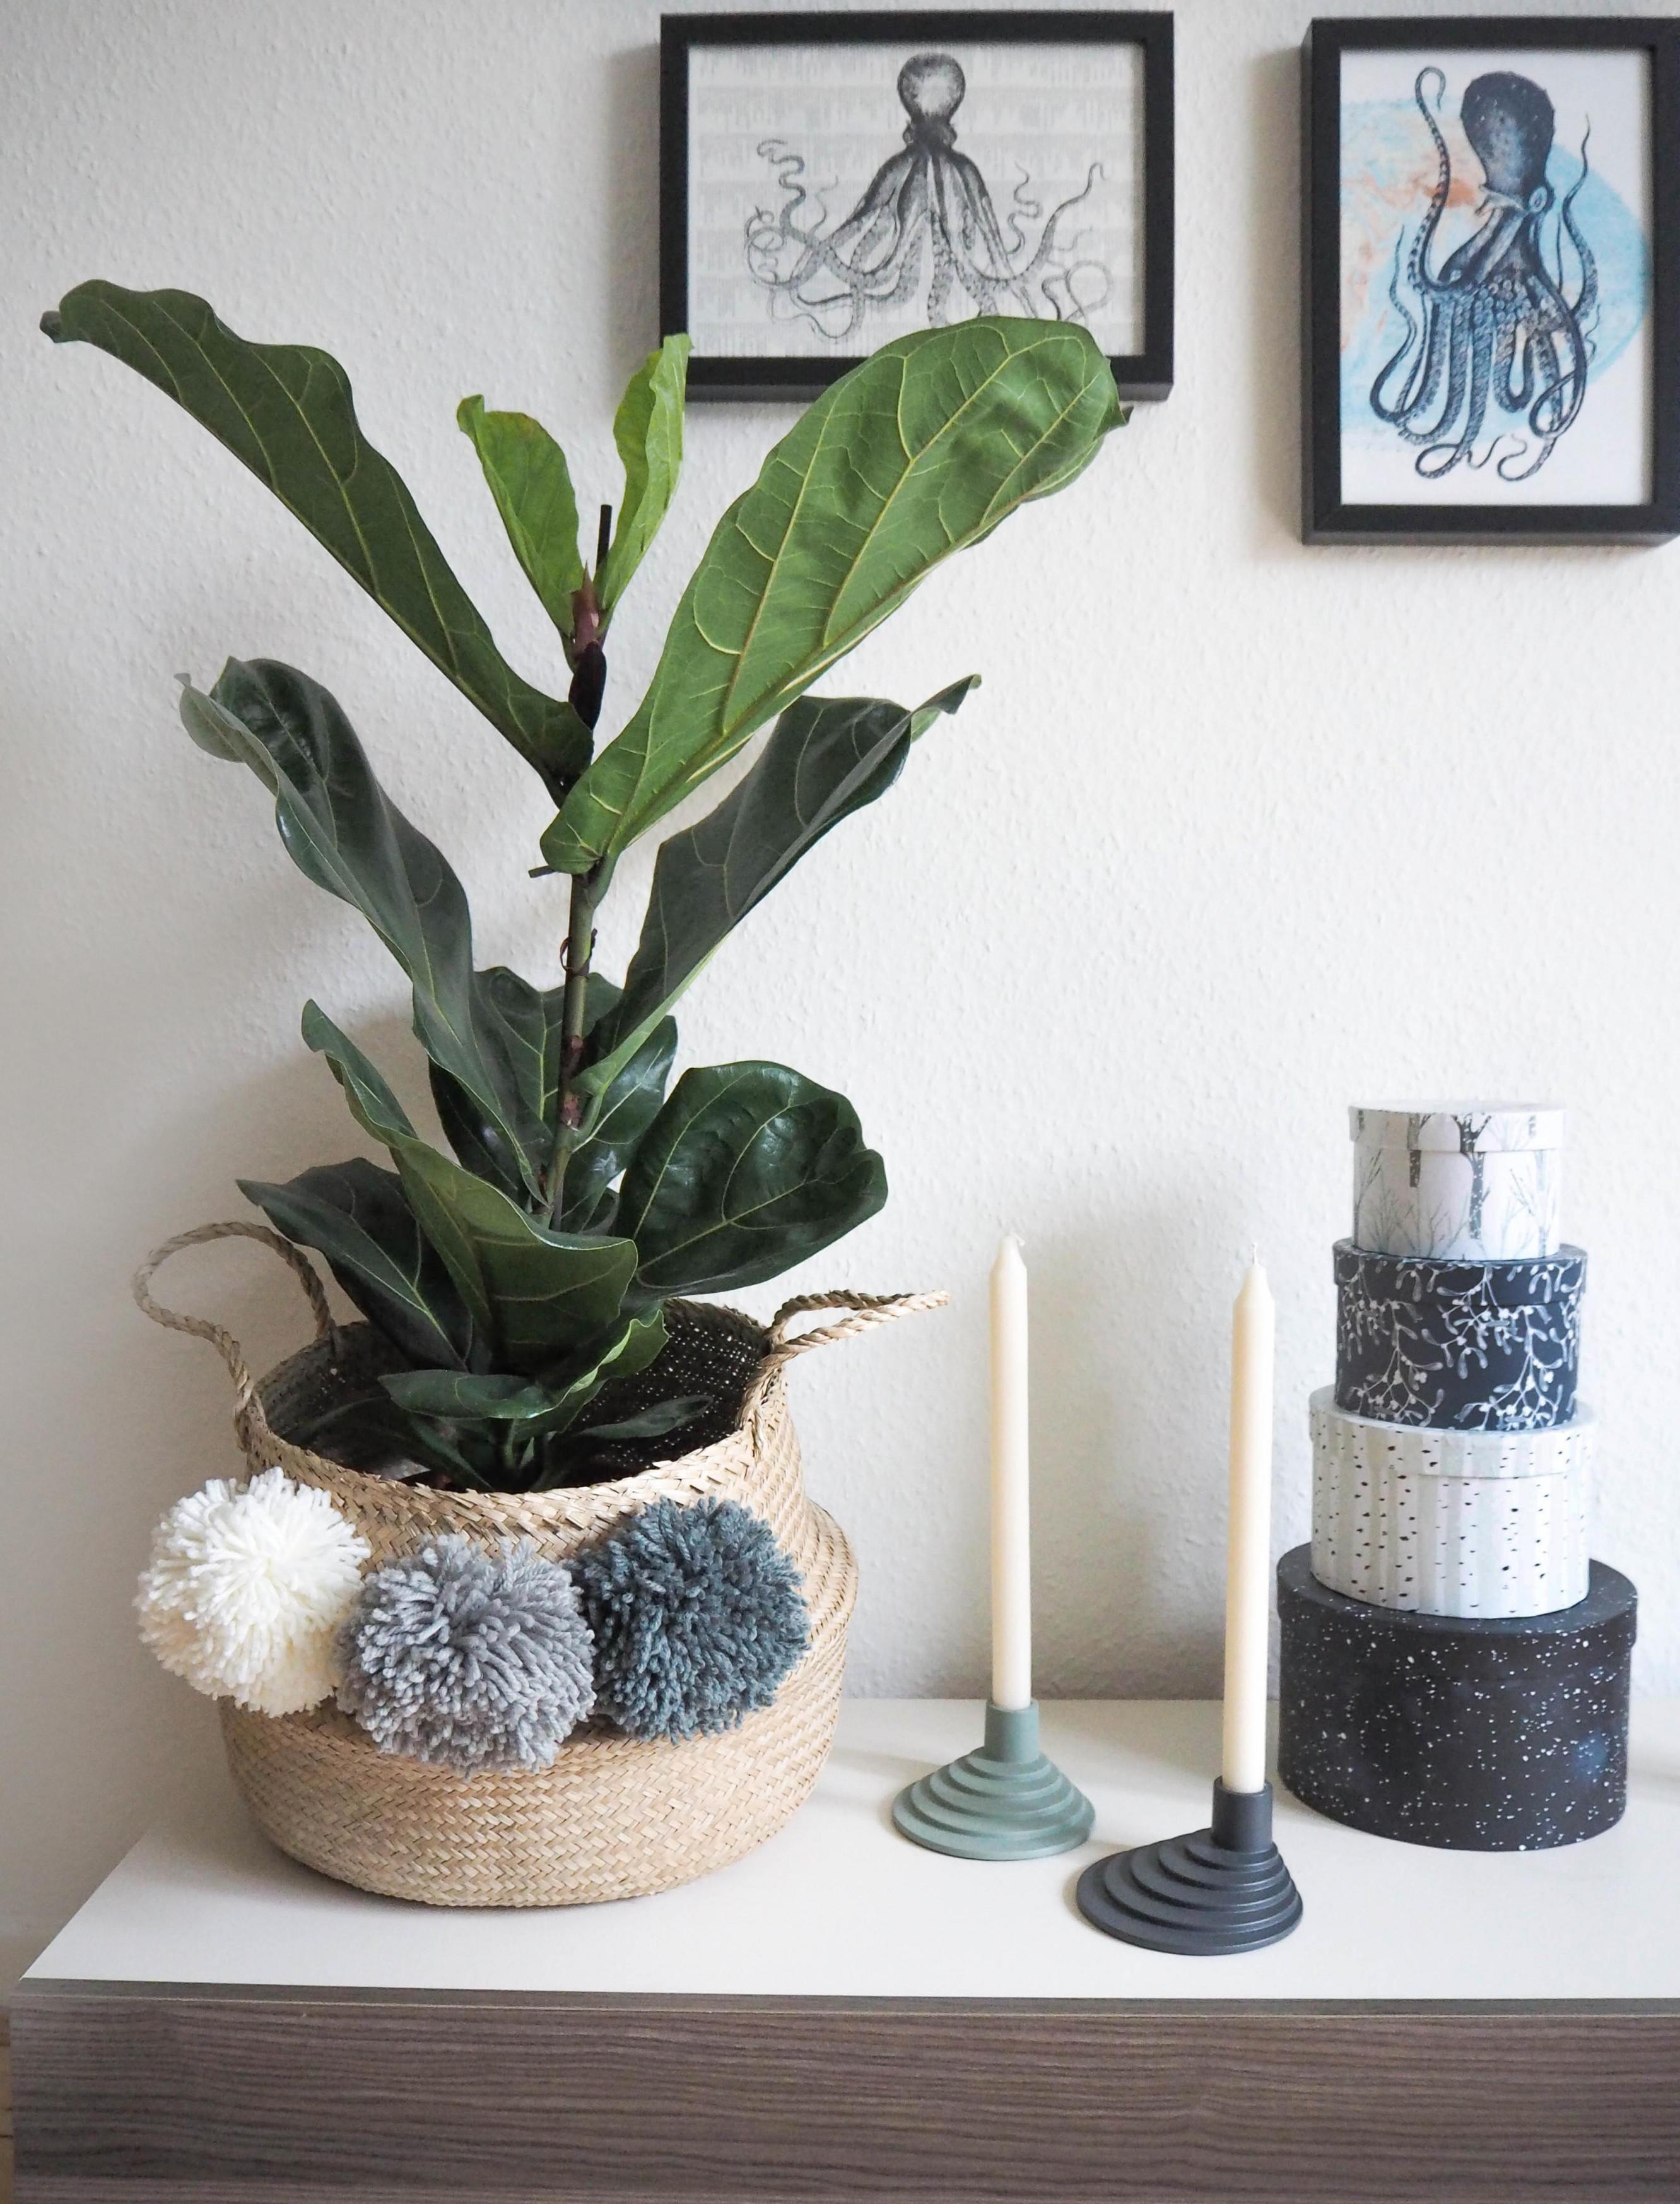 Wohnzimmerdekoideen Mach Es Dir Gemütlich von Pflanzen Deko Wohnzimmer Photo